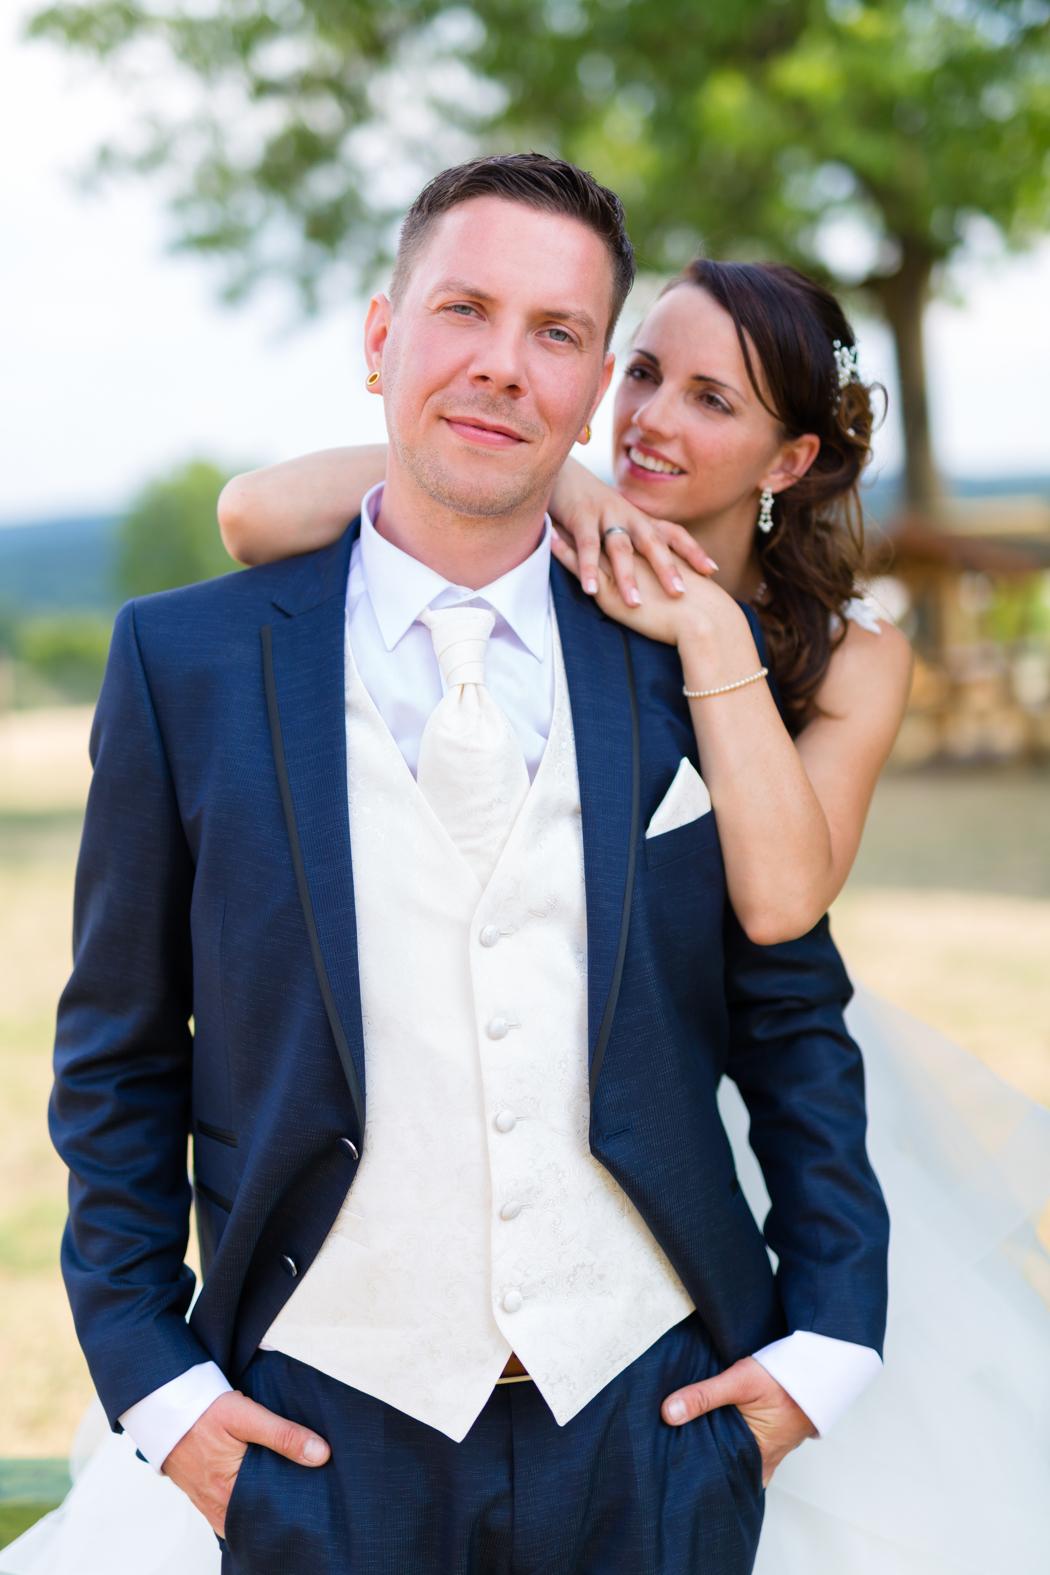 Hochzeitsfotos-Saalfeld-Voigtlaender-Zeuner (53)